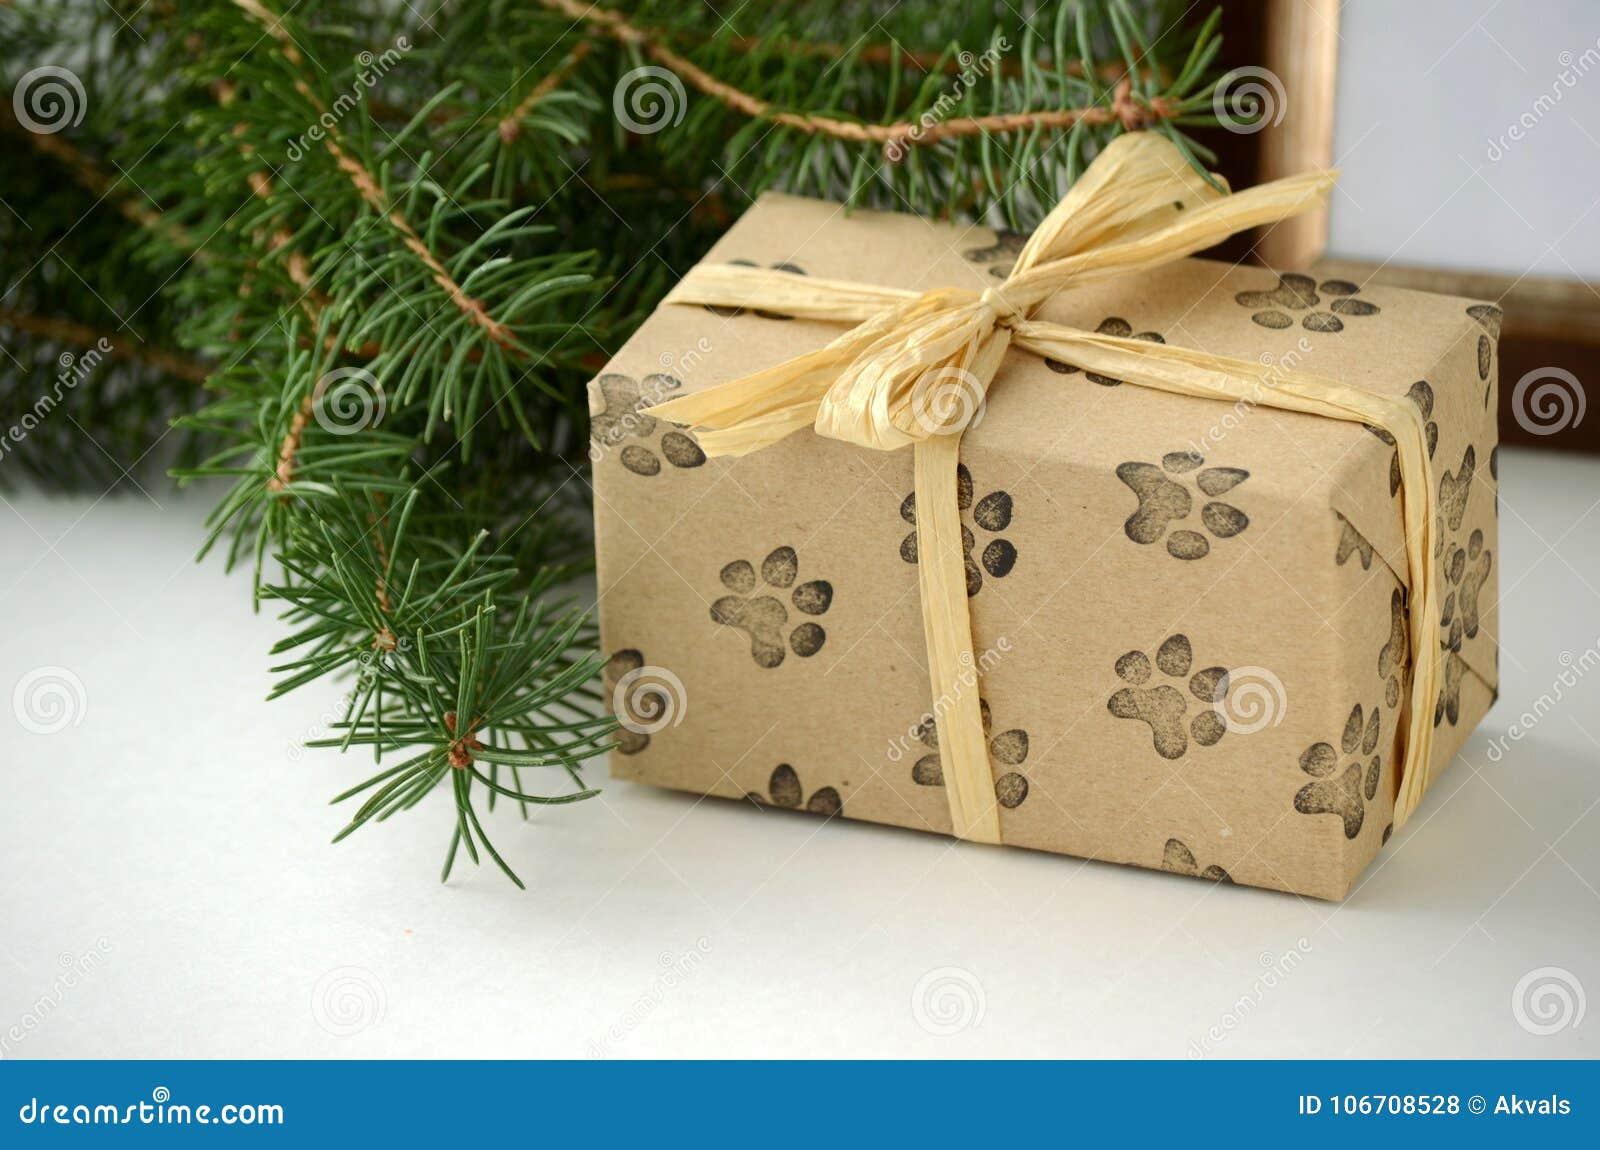 Scatole Per Regali Di Natale.Regali Di Natale E Presente Scatola Fatta Una Confezione Regalo